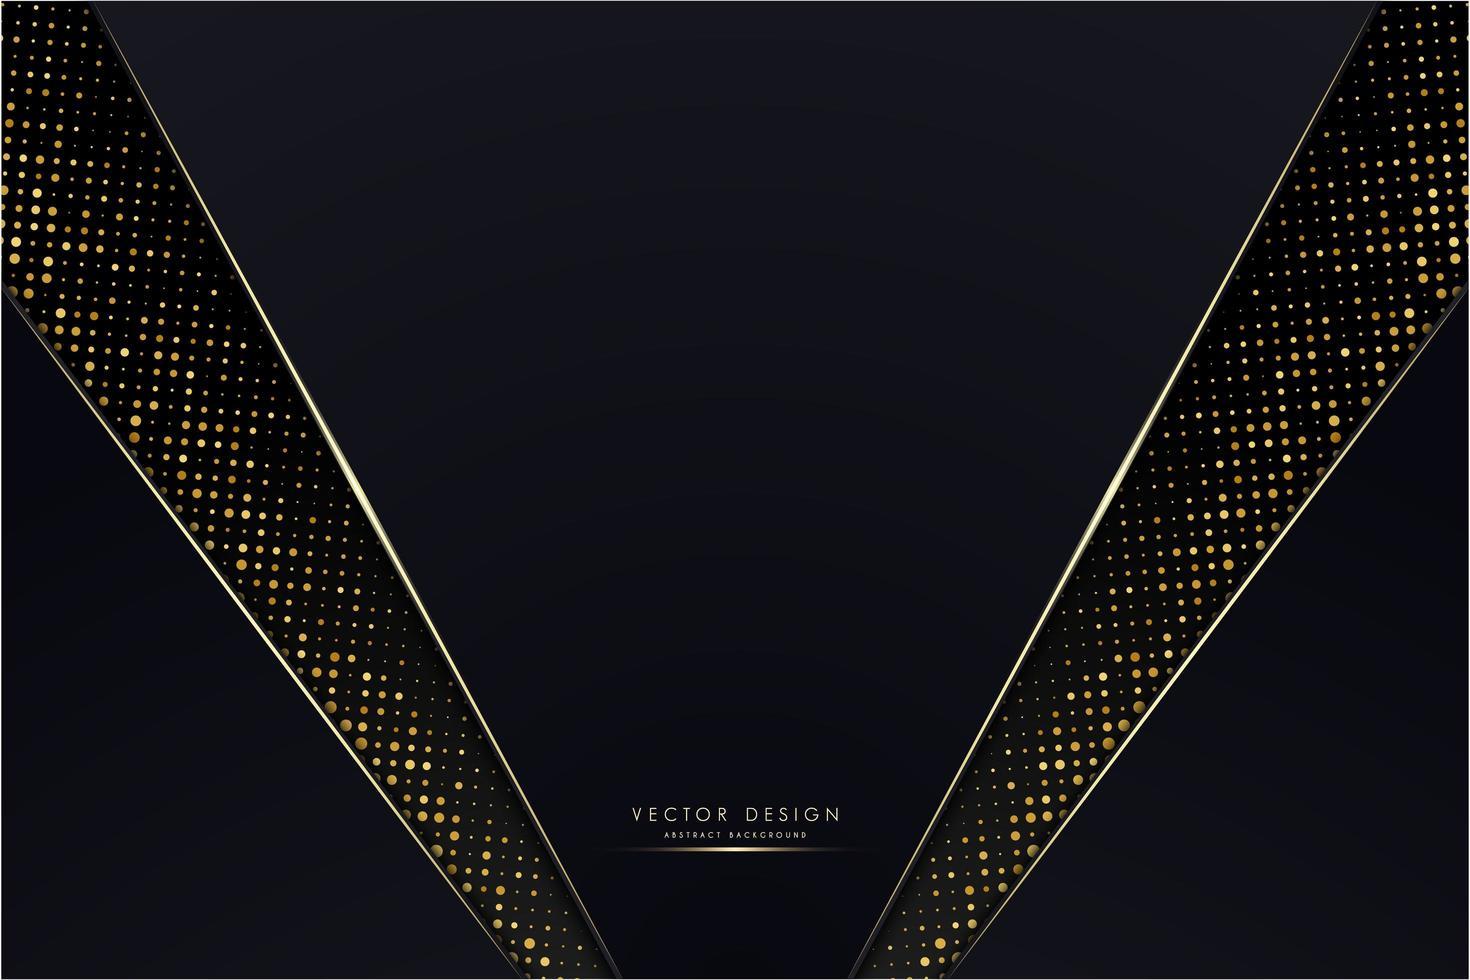 donkerblauwe schuine panelen met gloeiende gouden stippen vector